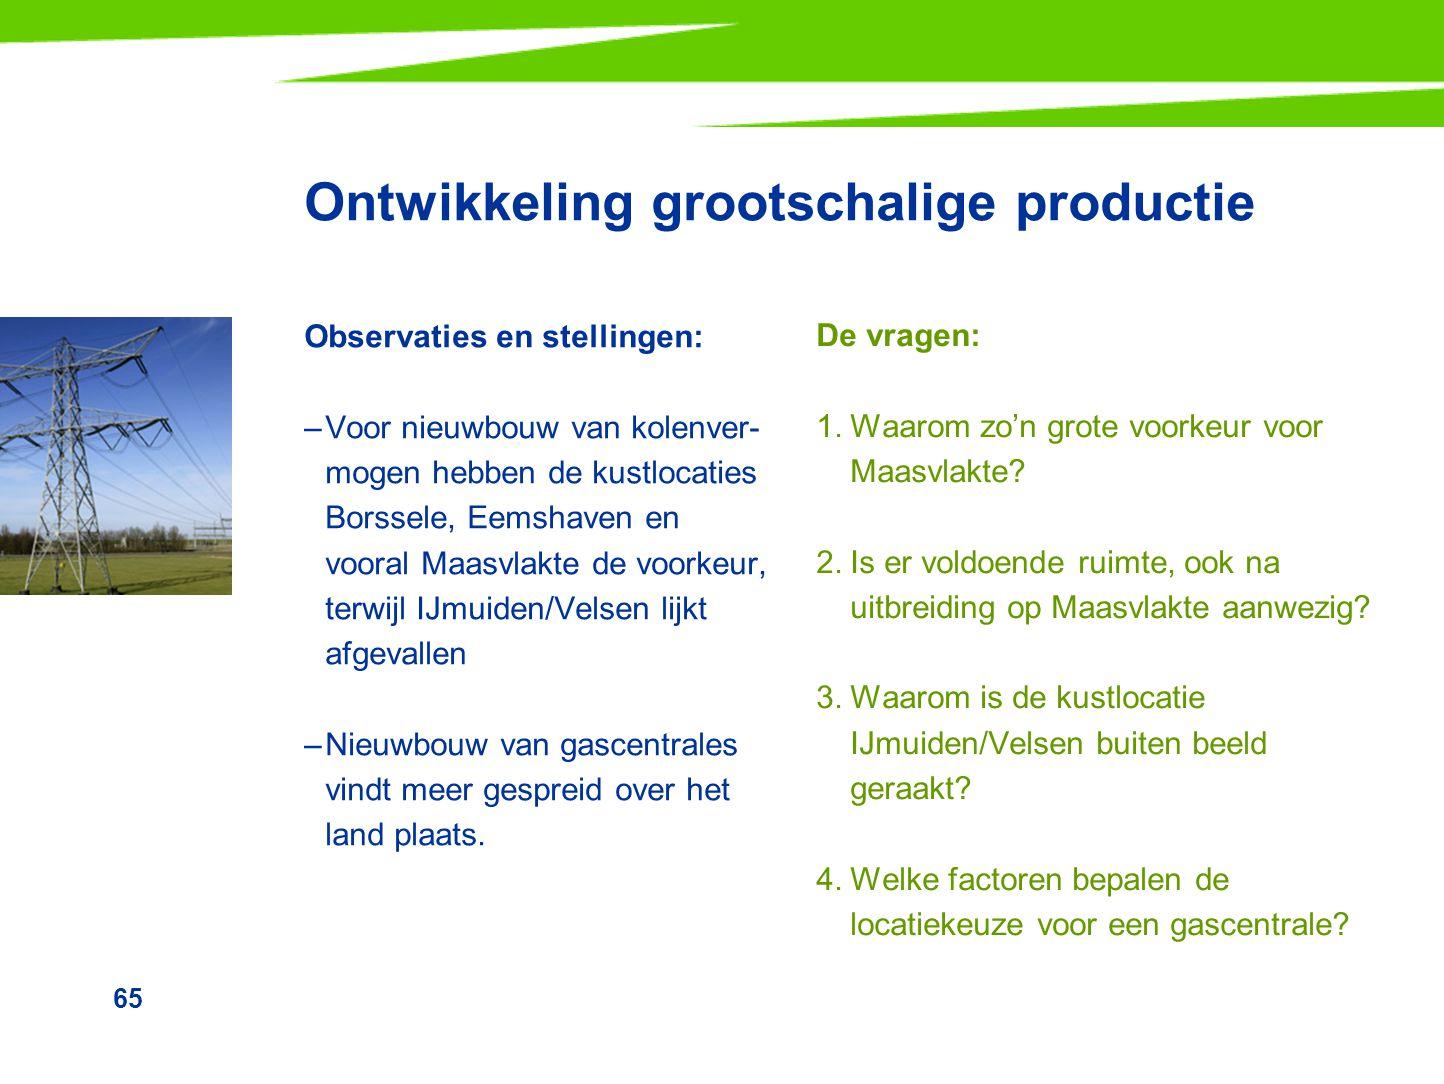 65 Ontwikkeling grootschalige productie Observaties en stellingen: –Voor nieuwbouw van kolenver- mogen hebben de kustlocaties Borssele, Eemshaven en v